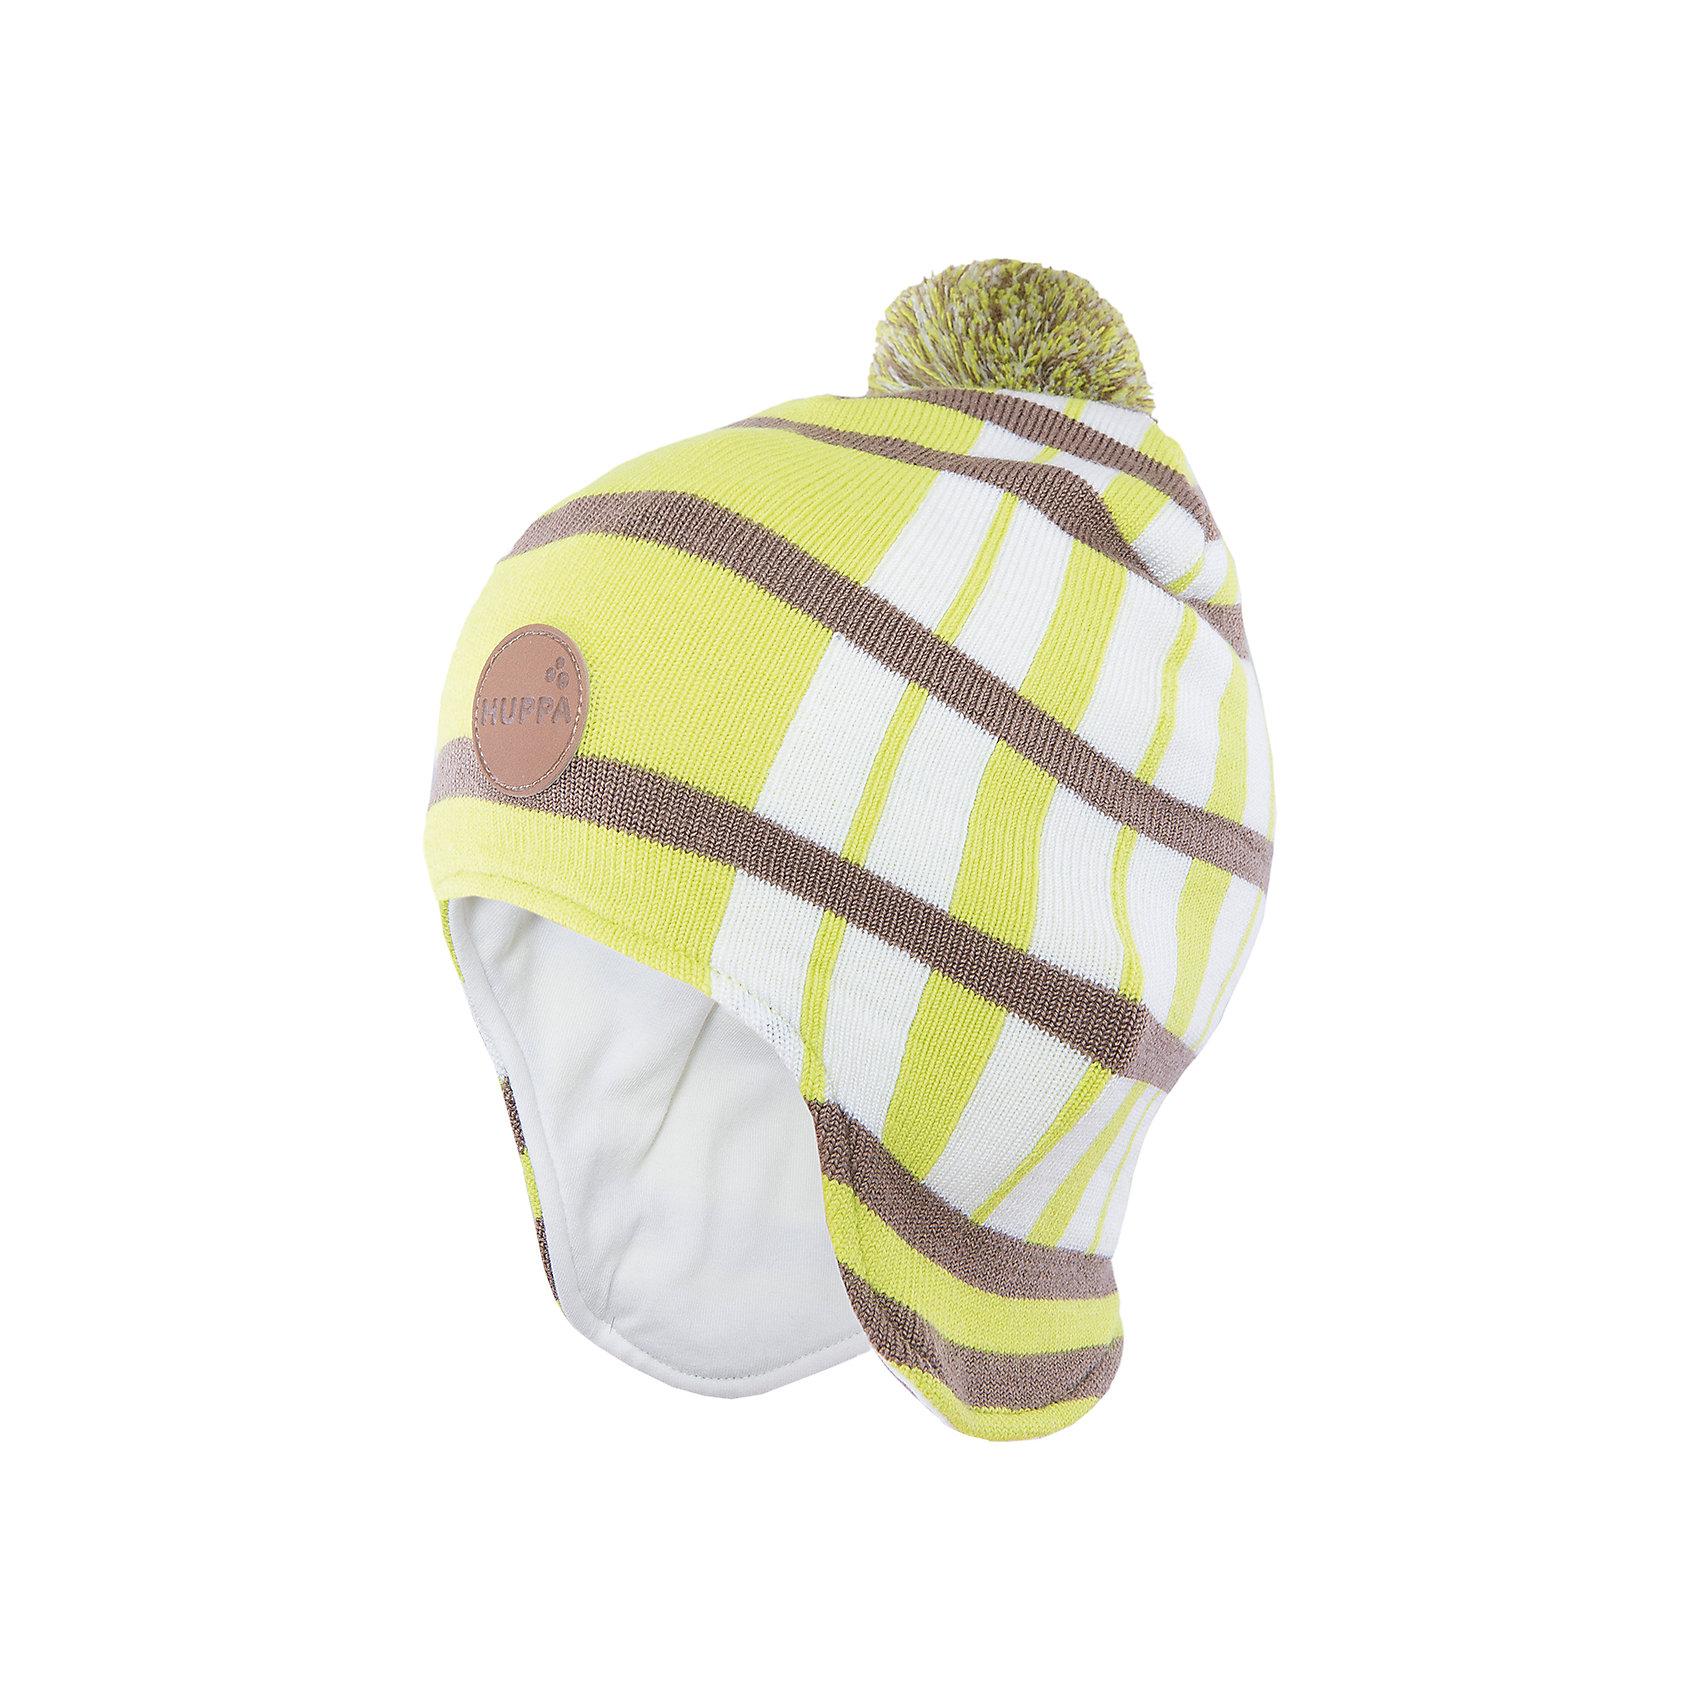 Шапка Windy HuppaУдлиненная вязаная шапка Windy от Huppa(Хуппа) изготовлена из шерсти мериноса и акрила. Она отлично сохраняет тепло, надежно закрывает уши и не вызывает раздражения на коже, благодаря подкладке из хлопка. Шапка имеет рисунок с полосками, помпон и эмблему фирмы спереди. В этой шапочке ребенку несомненно будет очень тепло и комфортно!<br><br>Дополнительная информация:<br>Цвет: салатовый<br>Материал:  100% полиэстер<br>Подкладка: трикотаж - 100% хлопок<br><br>Шапку Huppa(Хуппа) вы можете приобрести в нашем интернет-магазине.<br><br>Ширина мм: 89<br>Глубина мм: 117<br>Высота мм: 44<br>Вес г: 155<br>Цвет: зеленый<br>Возраст от месяцев: 84<br>Возраст до месяцев: 120<br>Пол: Мужской<br>Возраст: Детский<br>Размер: 55-57,47-49,51-53<br>SKU: 4923545